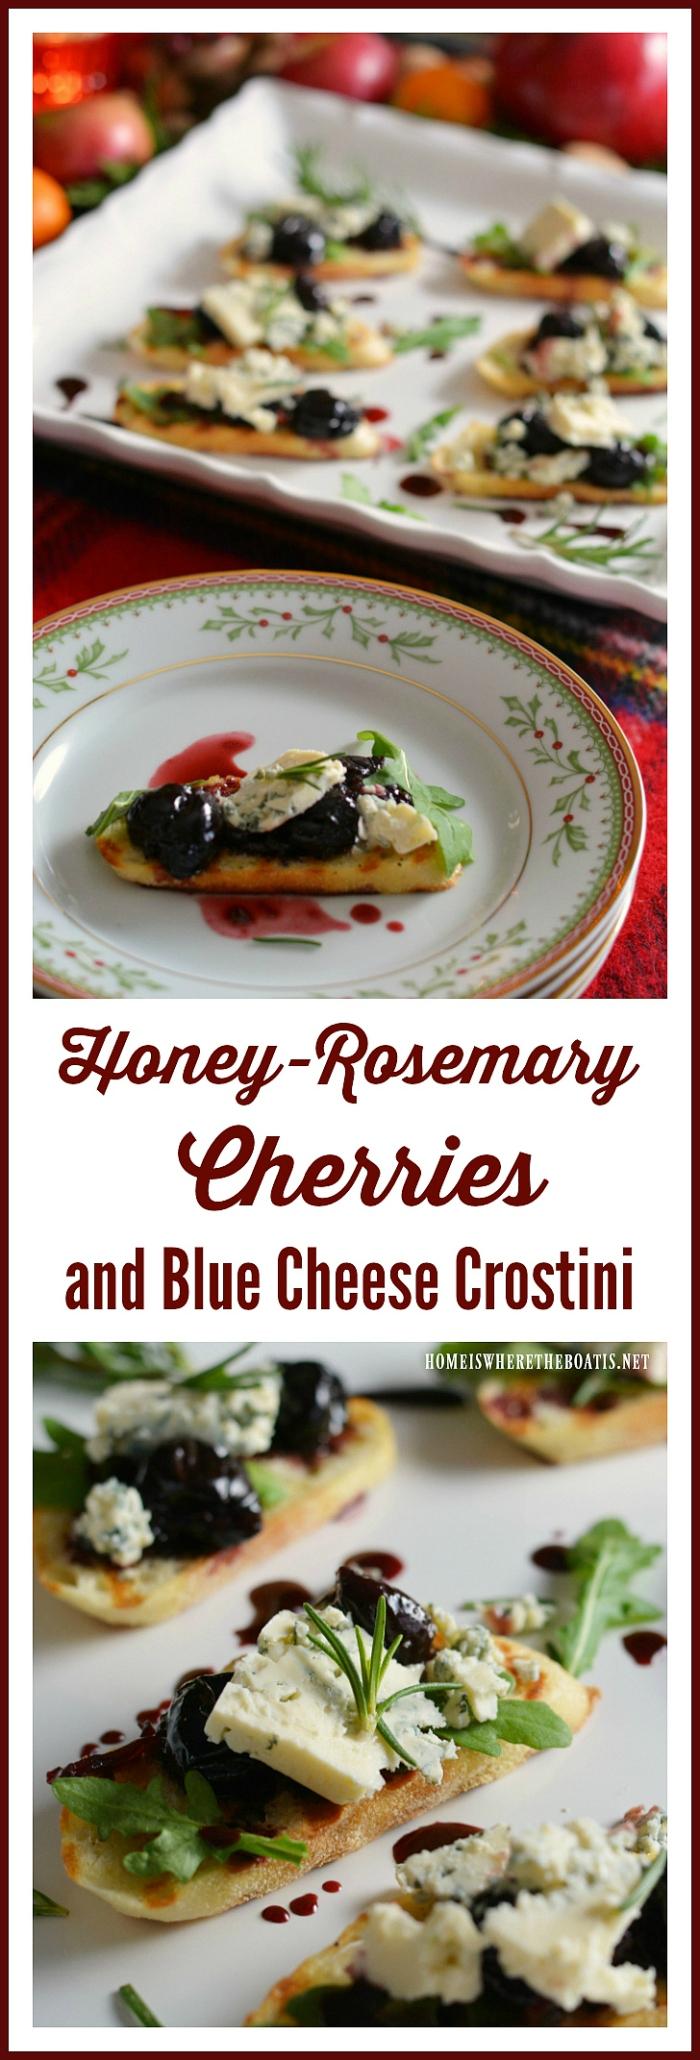 honey-rosemary-cherries-and-blue-cheese-crostini2